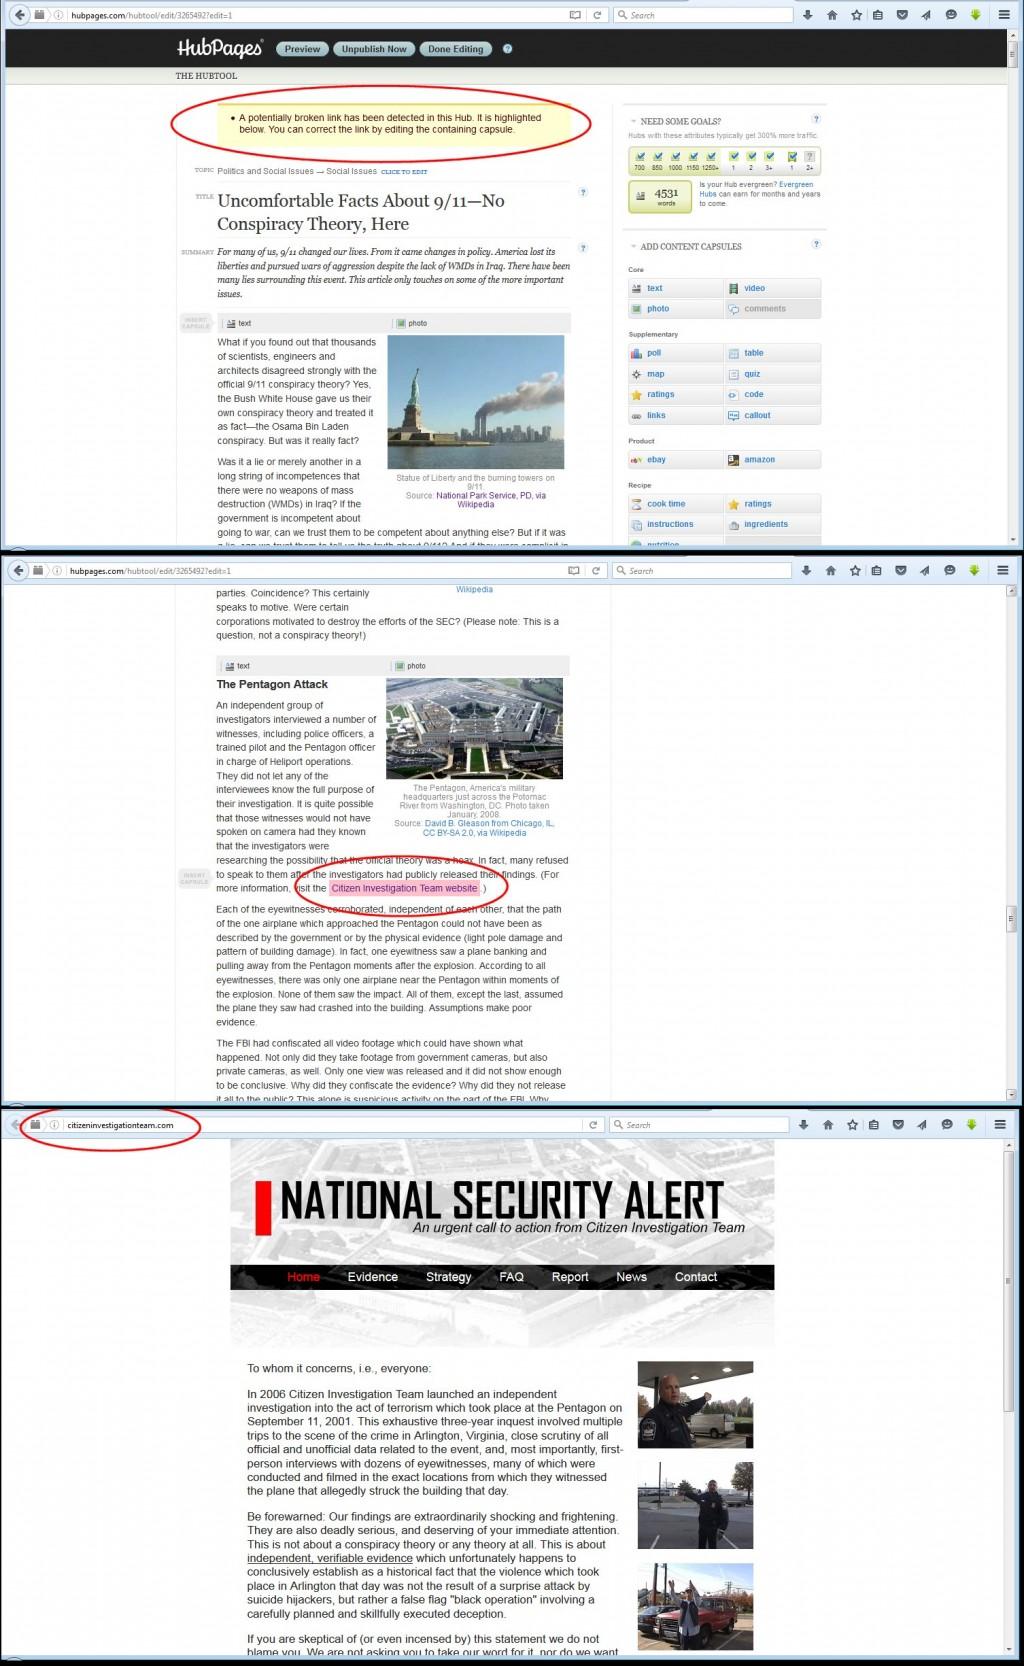 http://usercontent1.hubstatic.com/13017880_f1024.jpg